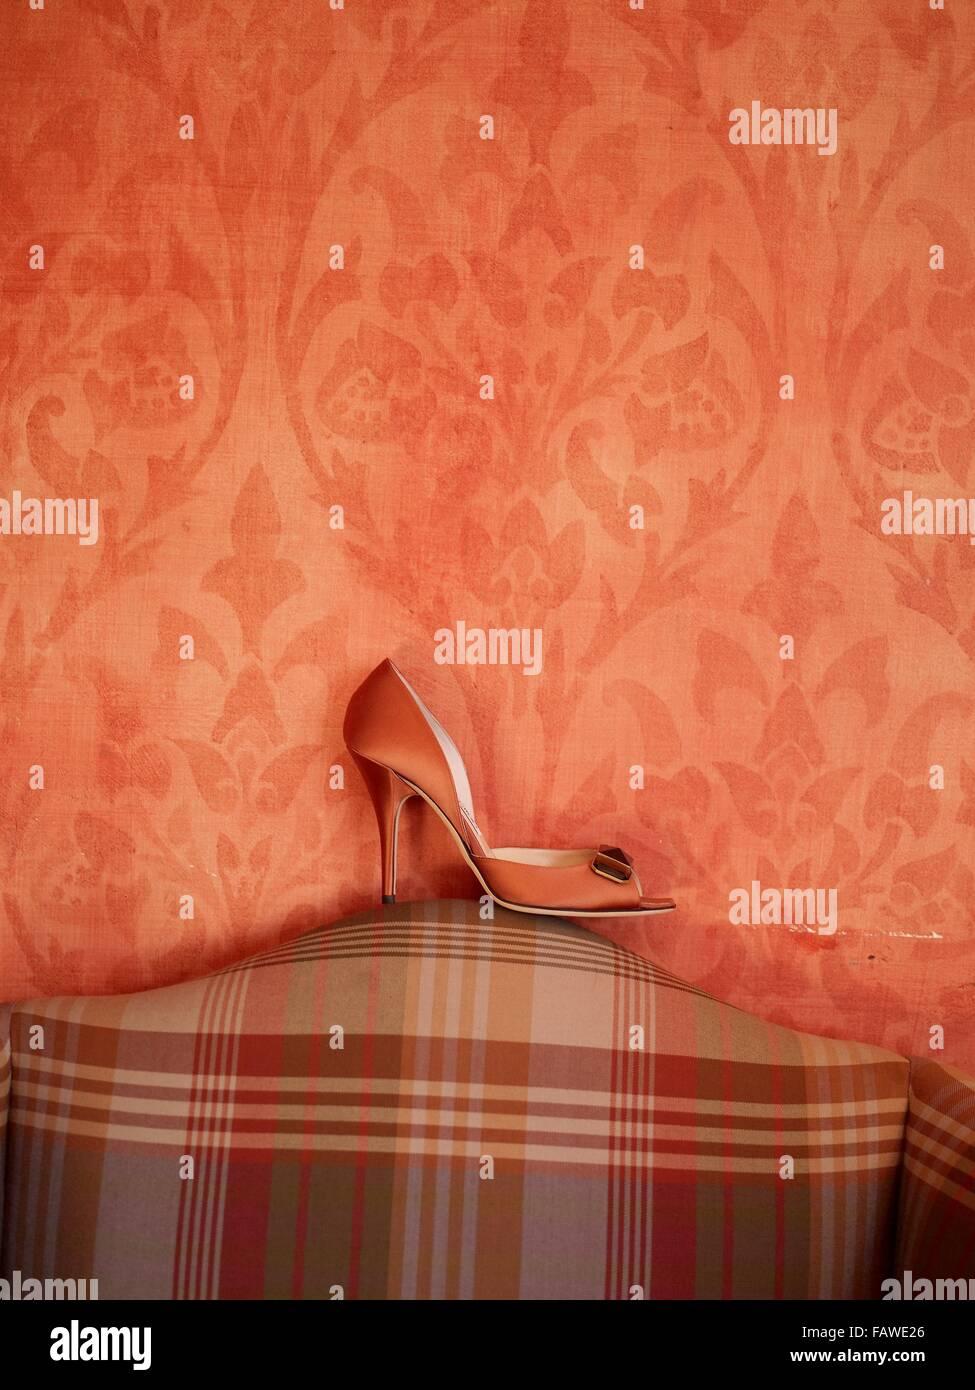 Orange wedding shoe - Stock Image